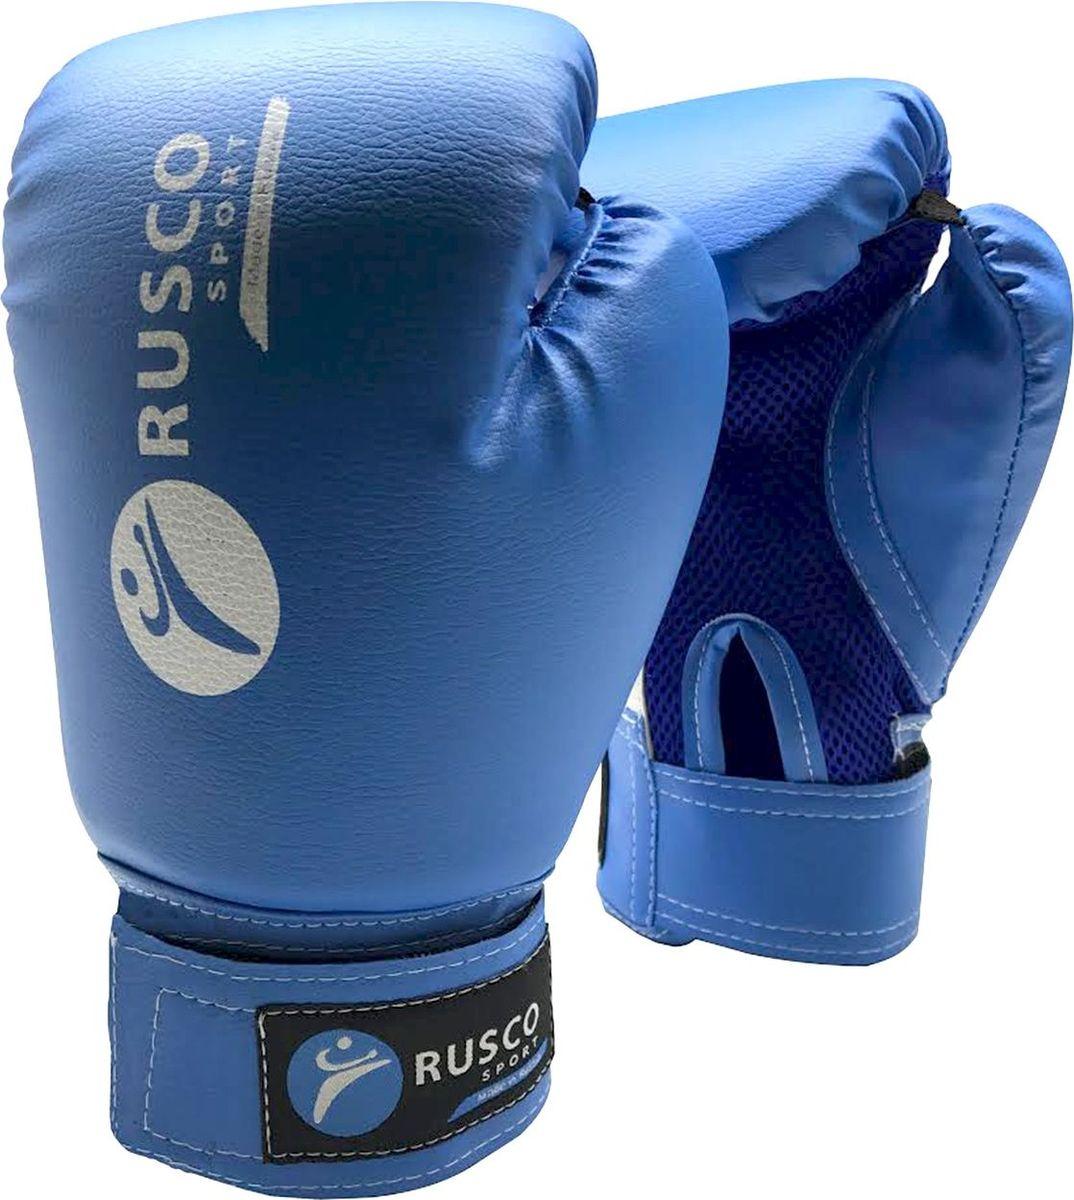 Перчатки боксерские Rusco, цвет: синий. Вес 8 унций